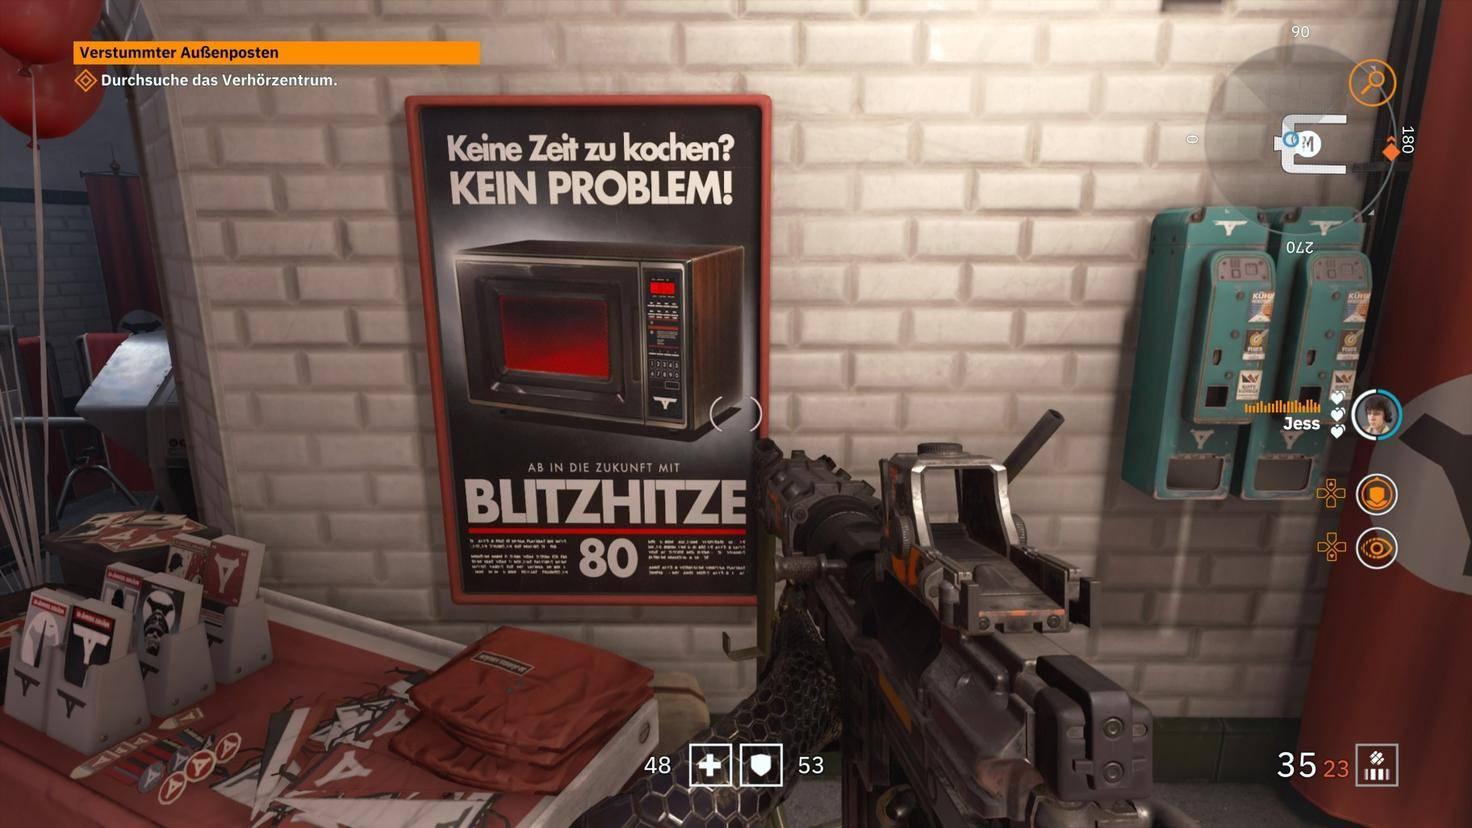 wolfenstein-youngblood-blitzhitze-gameplay-screenshot